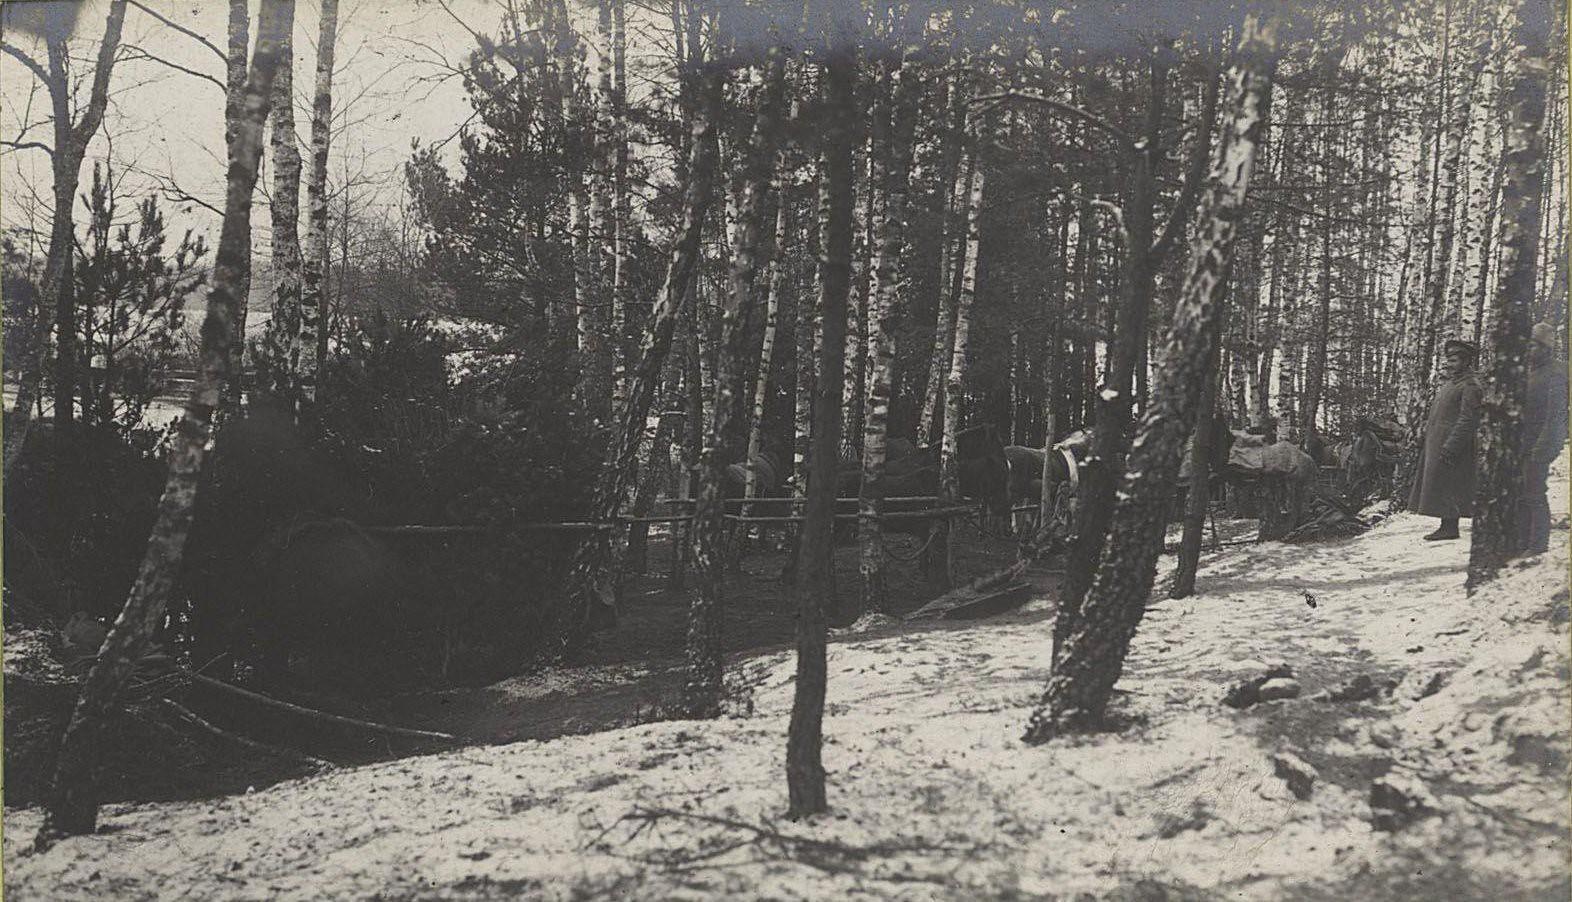 88. Скрытые в лесу передки 21-ой артиллерийской бригады на передовых позициях у деревни Мыслеборж